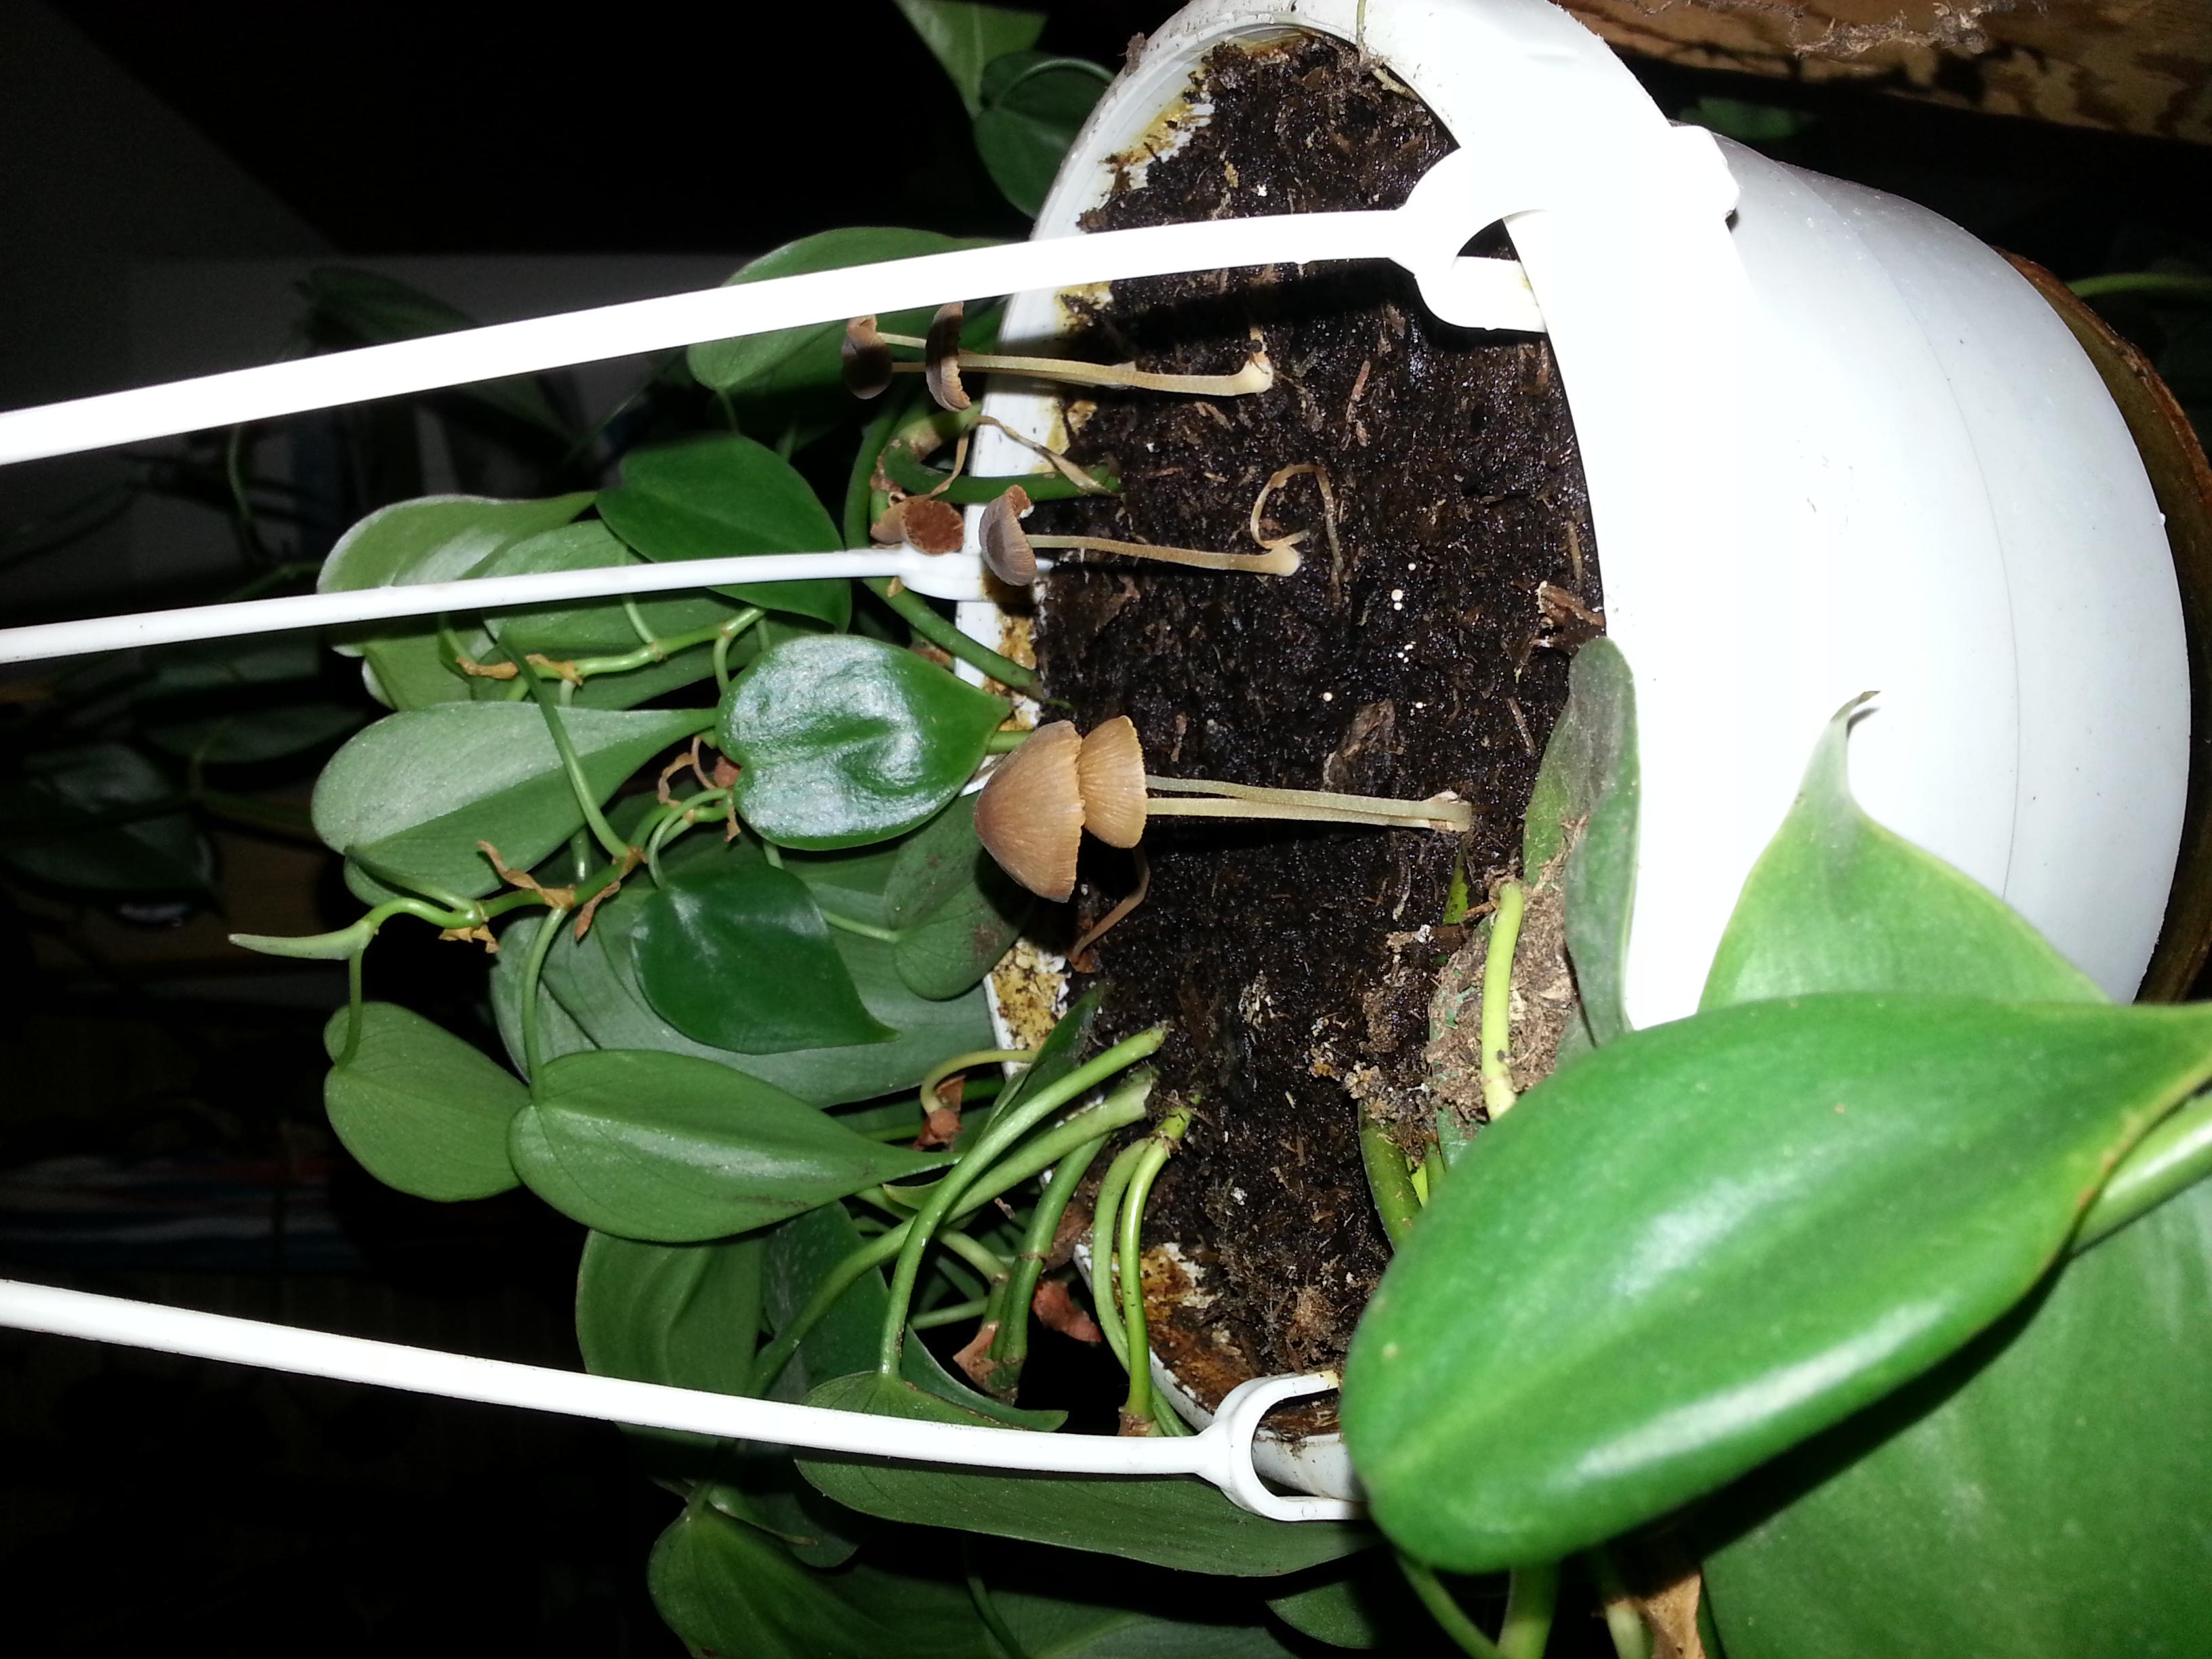 pilz in zimmerpglanze gesundheit pflanzen pilze. Black Bedroom Furniture Sets. Home Design Ideas